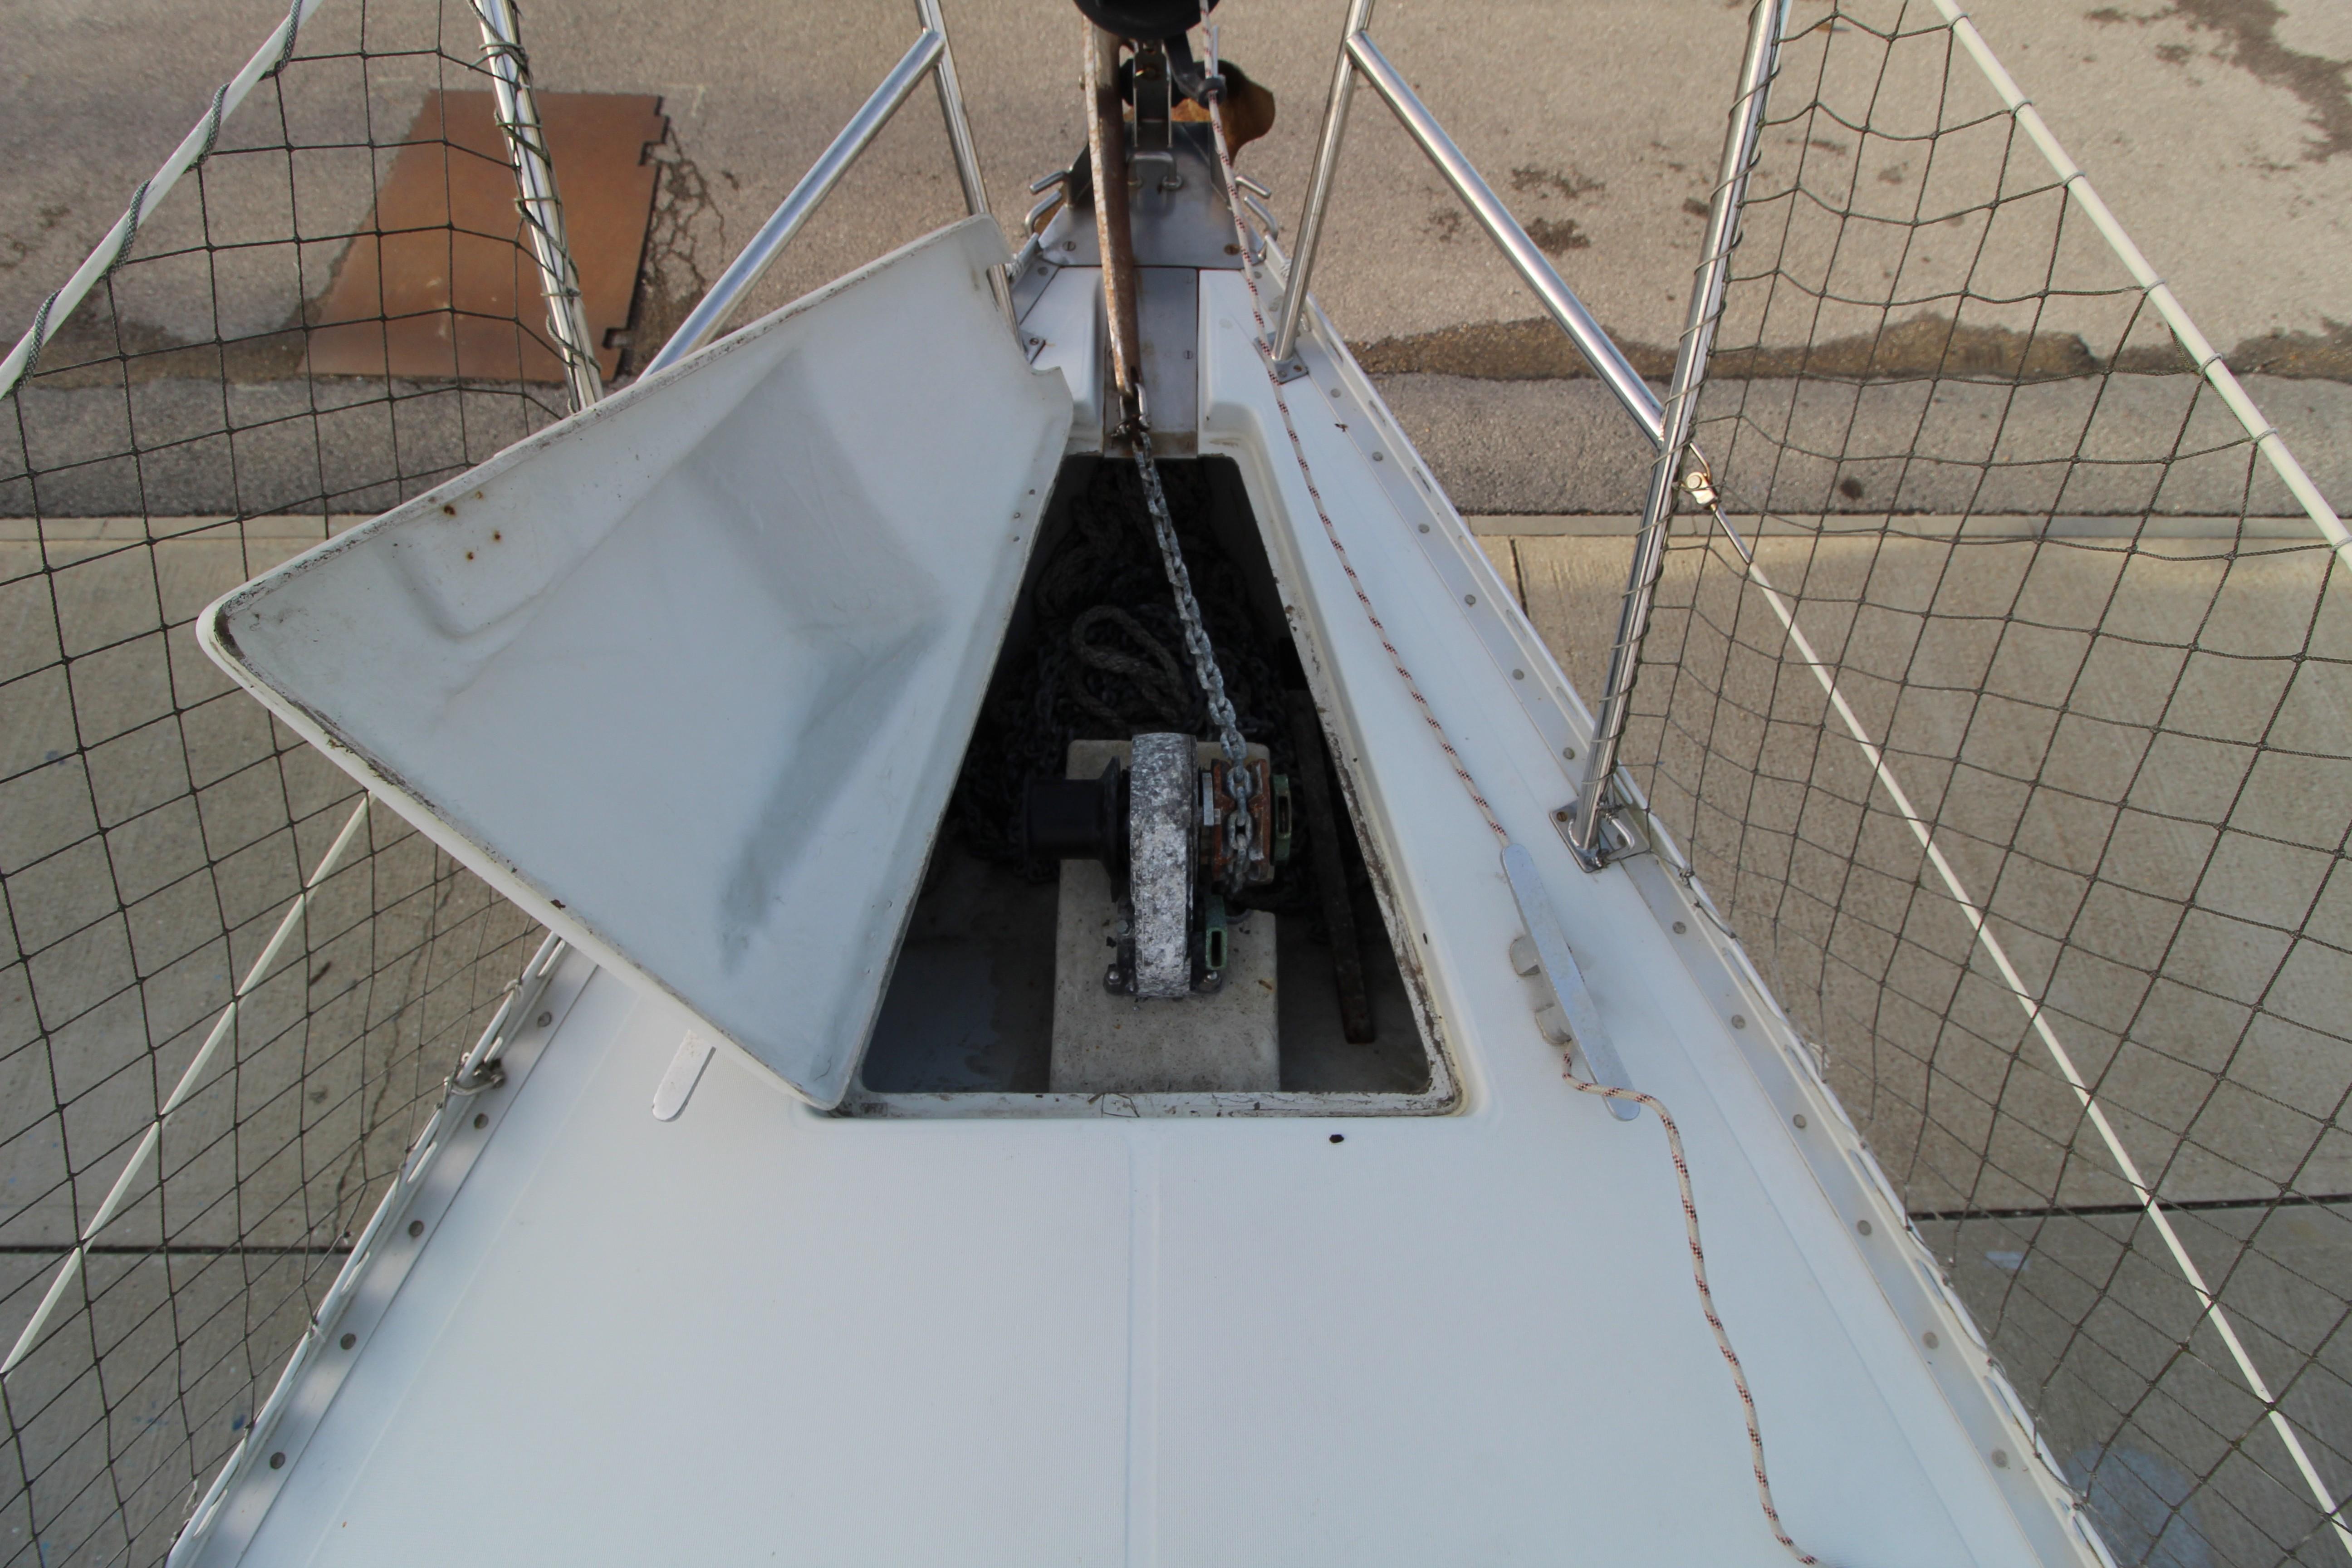 Feeling 326 Lift Keel anchor locker